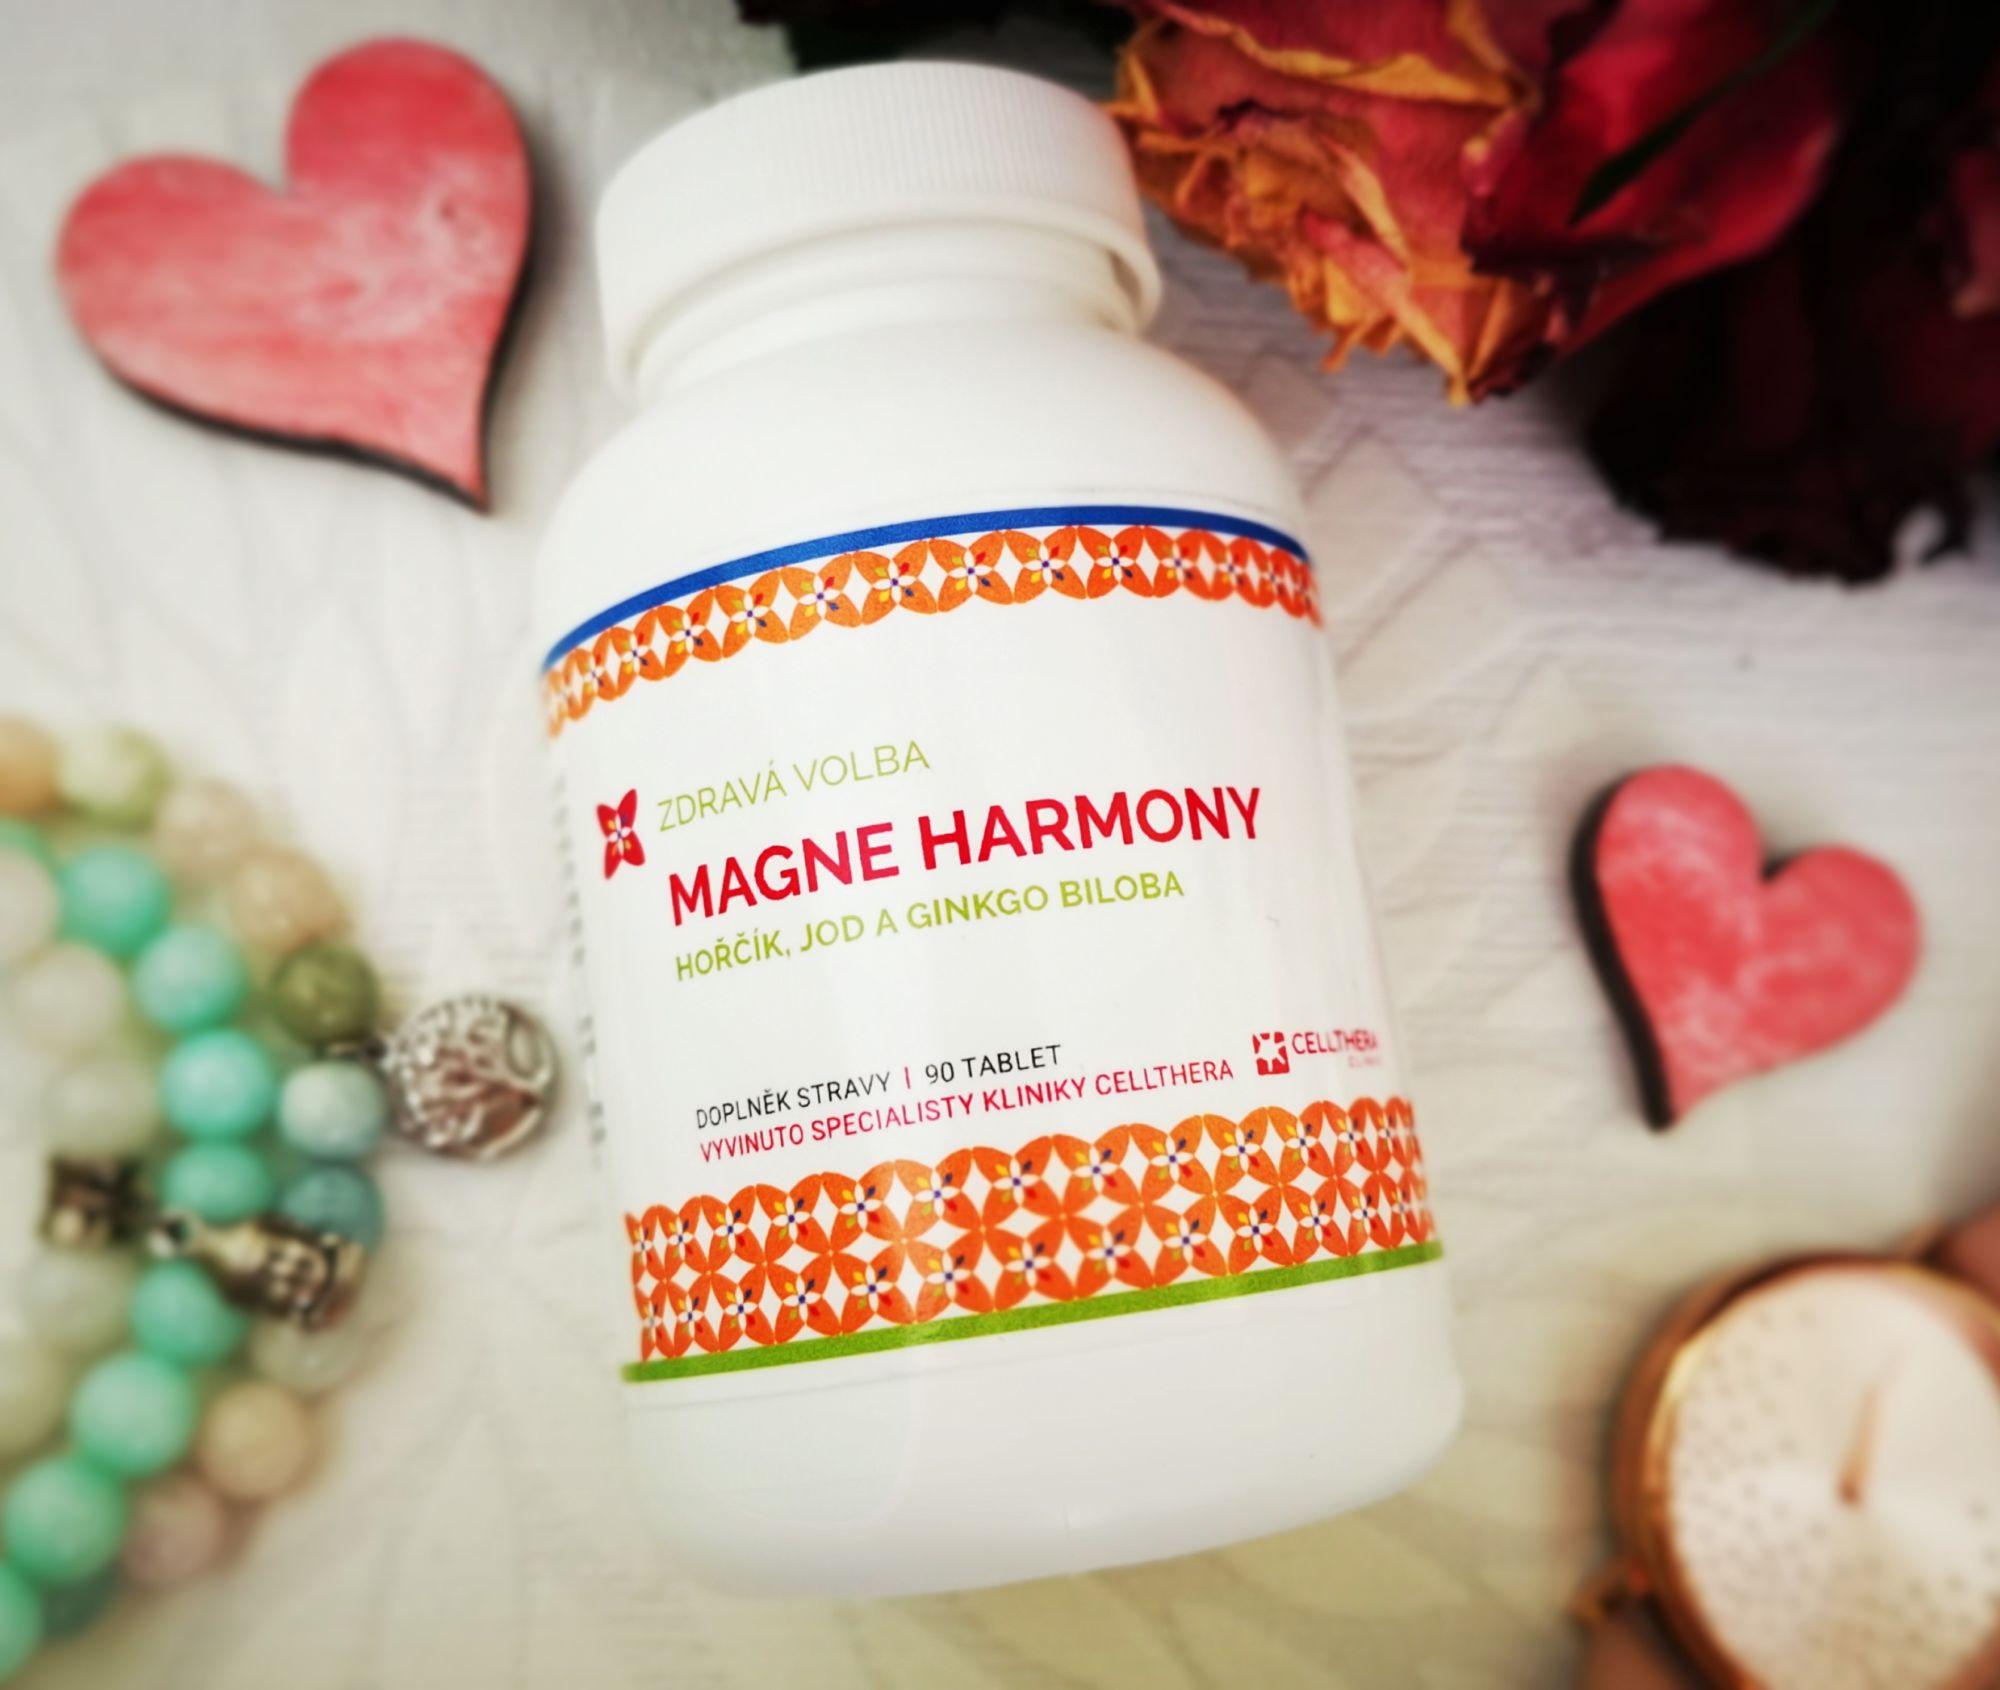 Magne Harmony